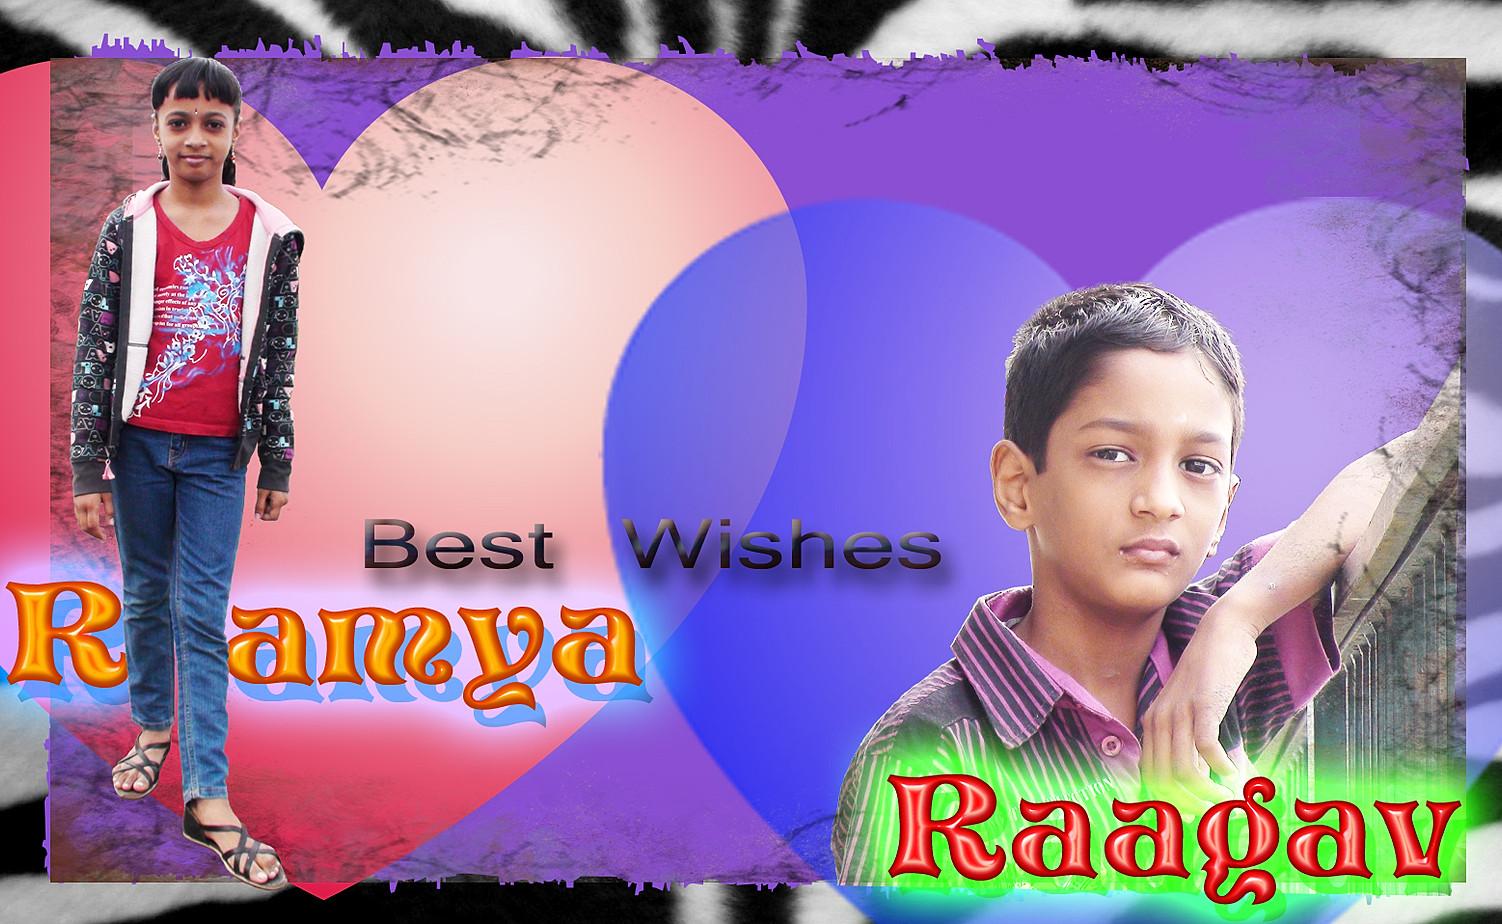 Ramya Raagav Best Wishes